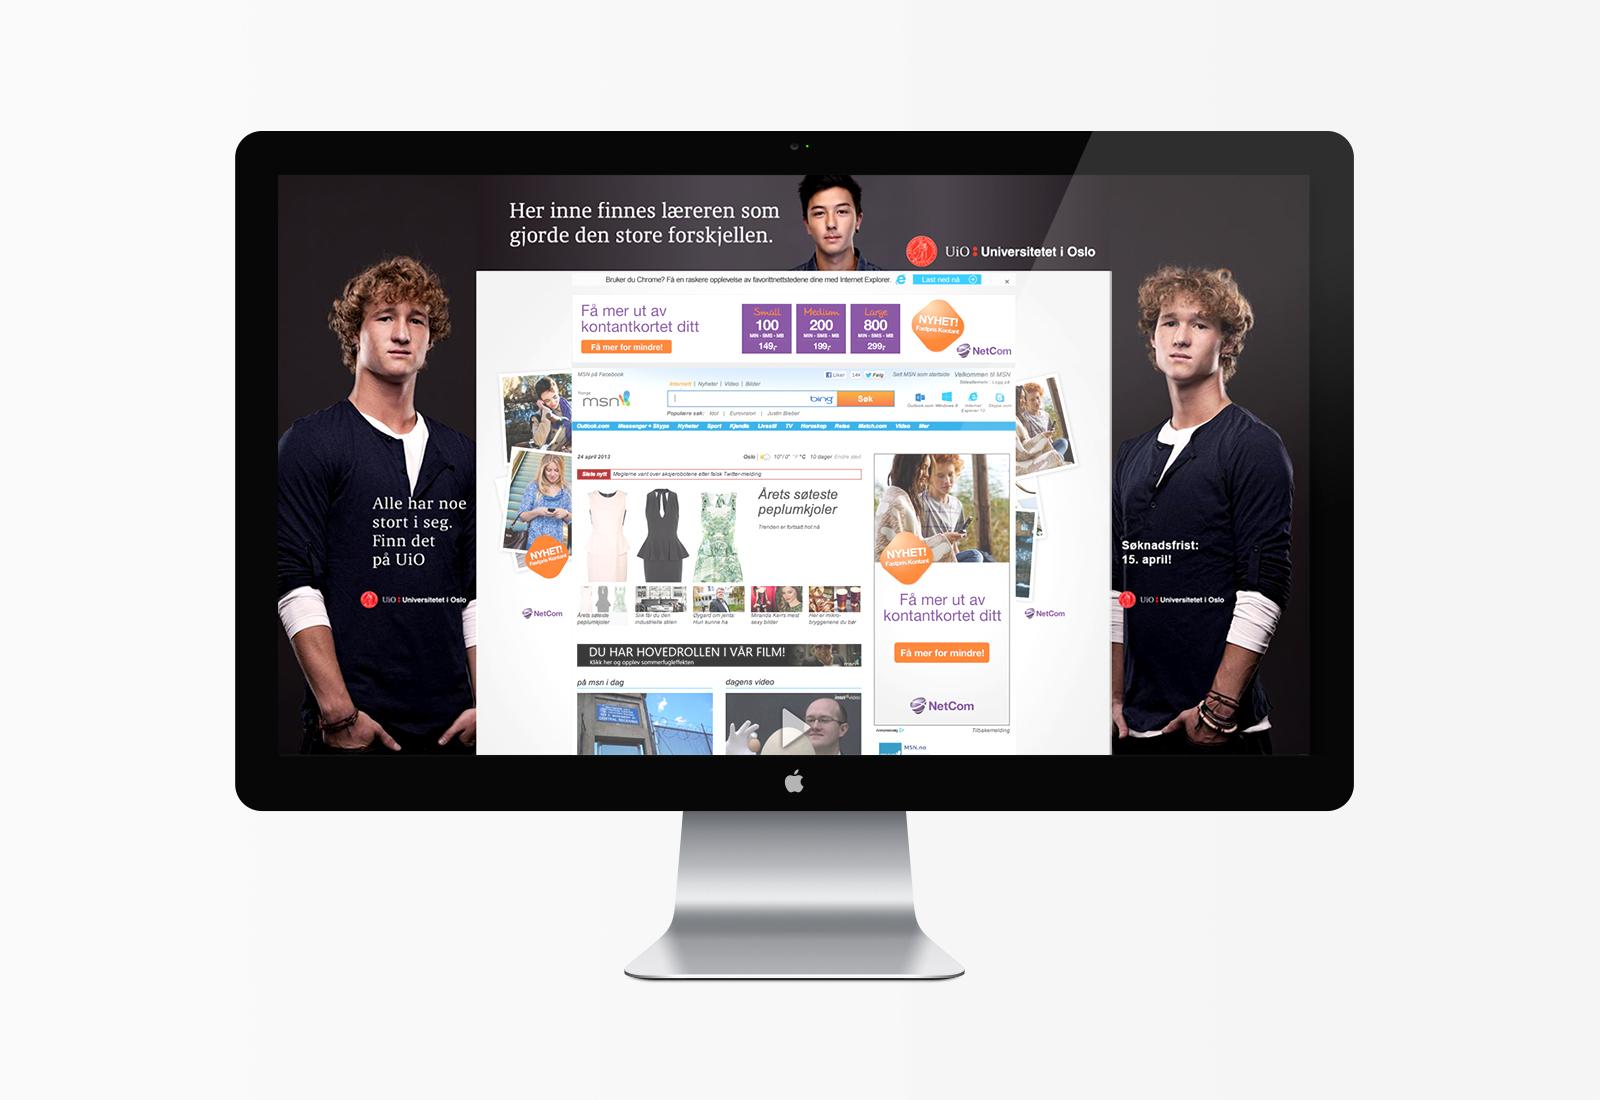 Desktopbilde av hesteskobanner på en webside